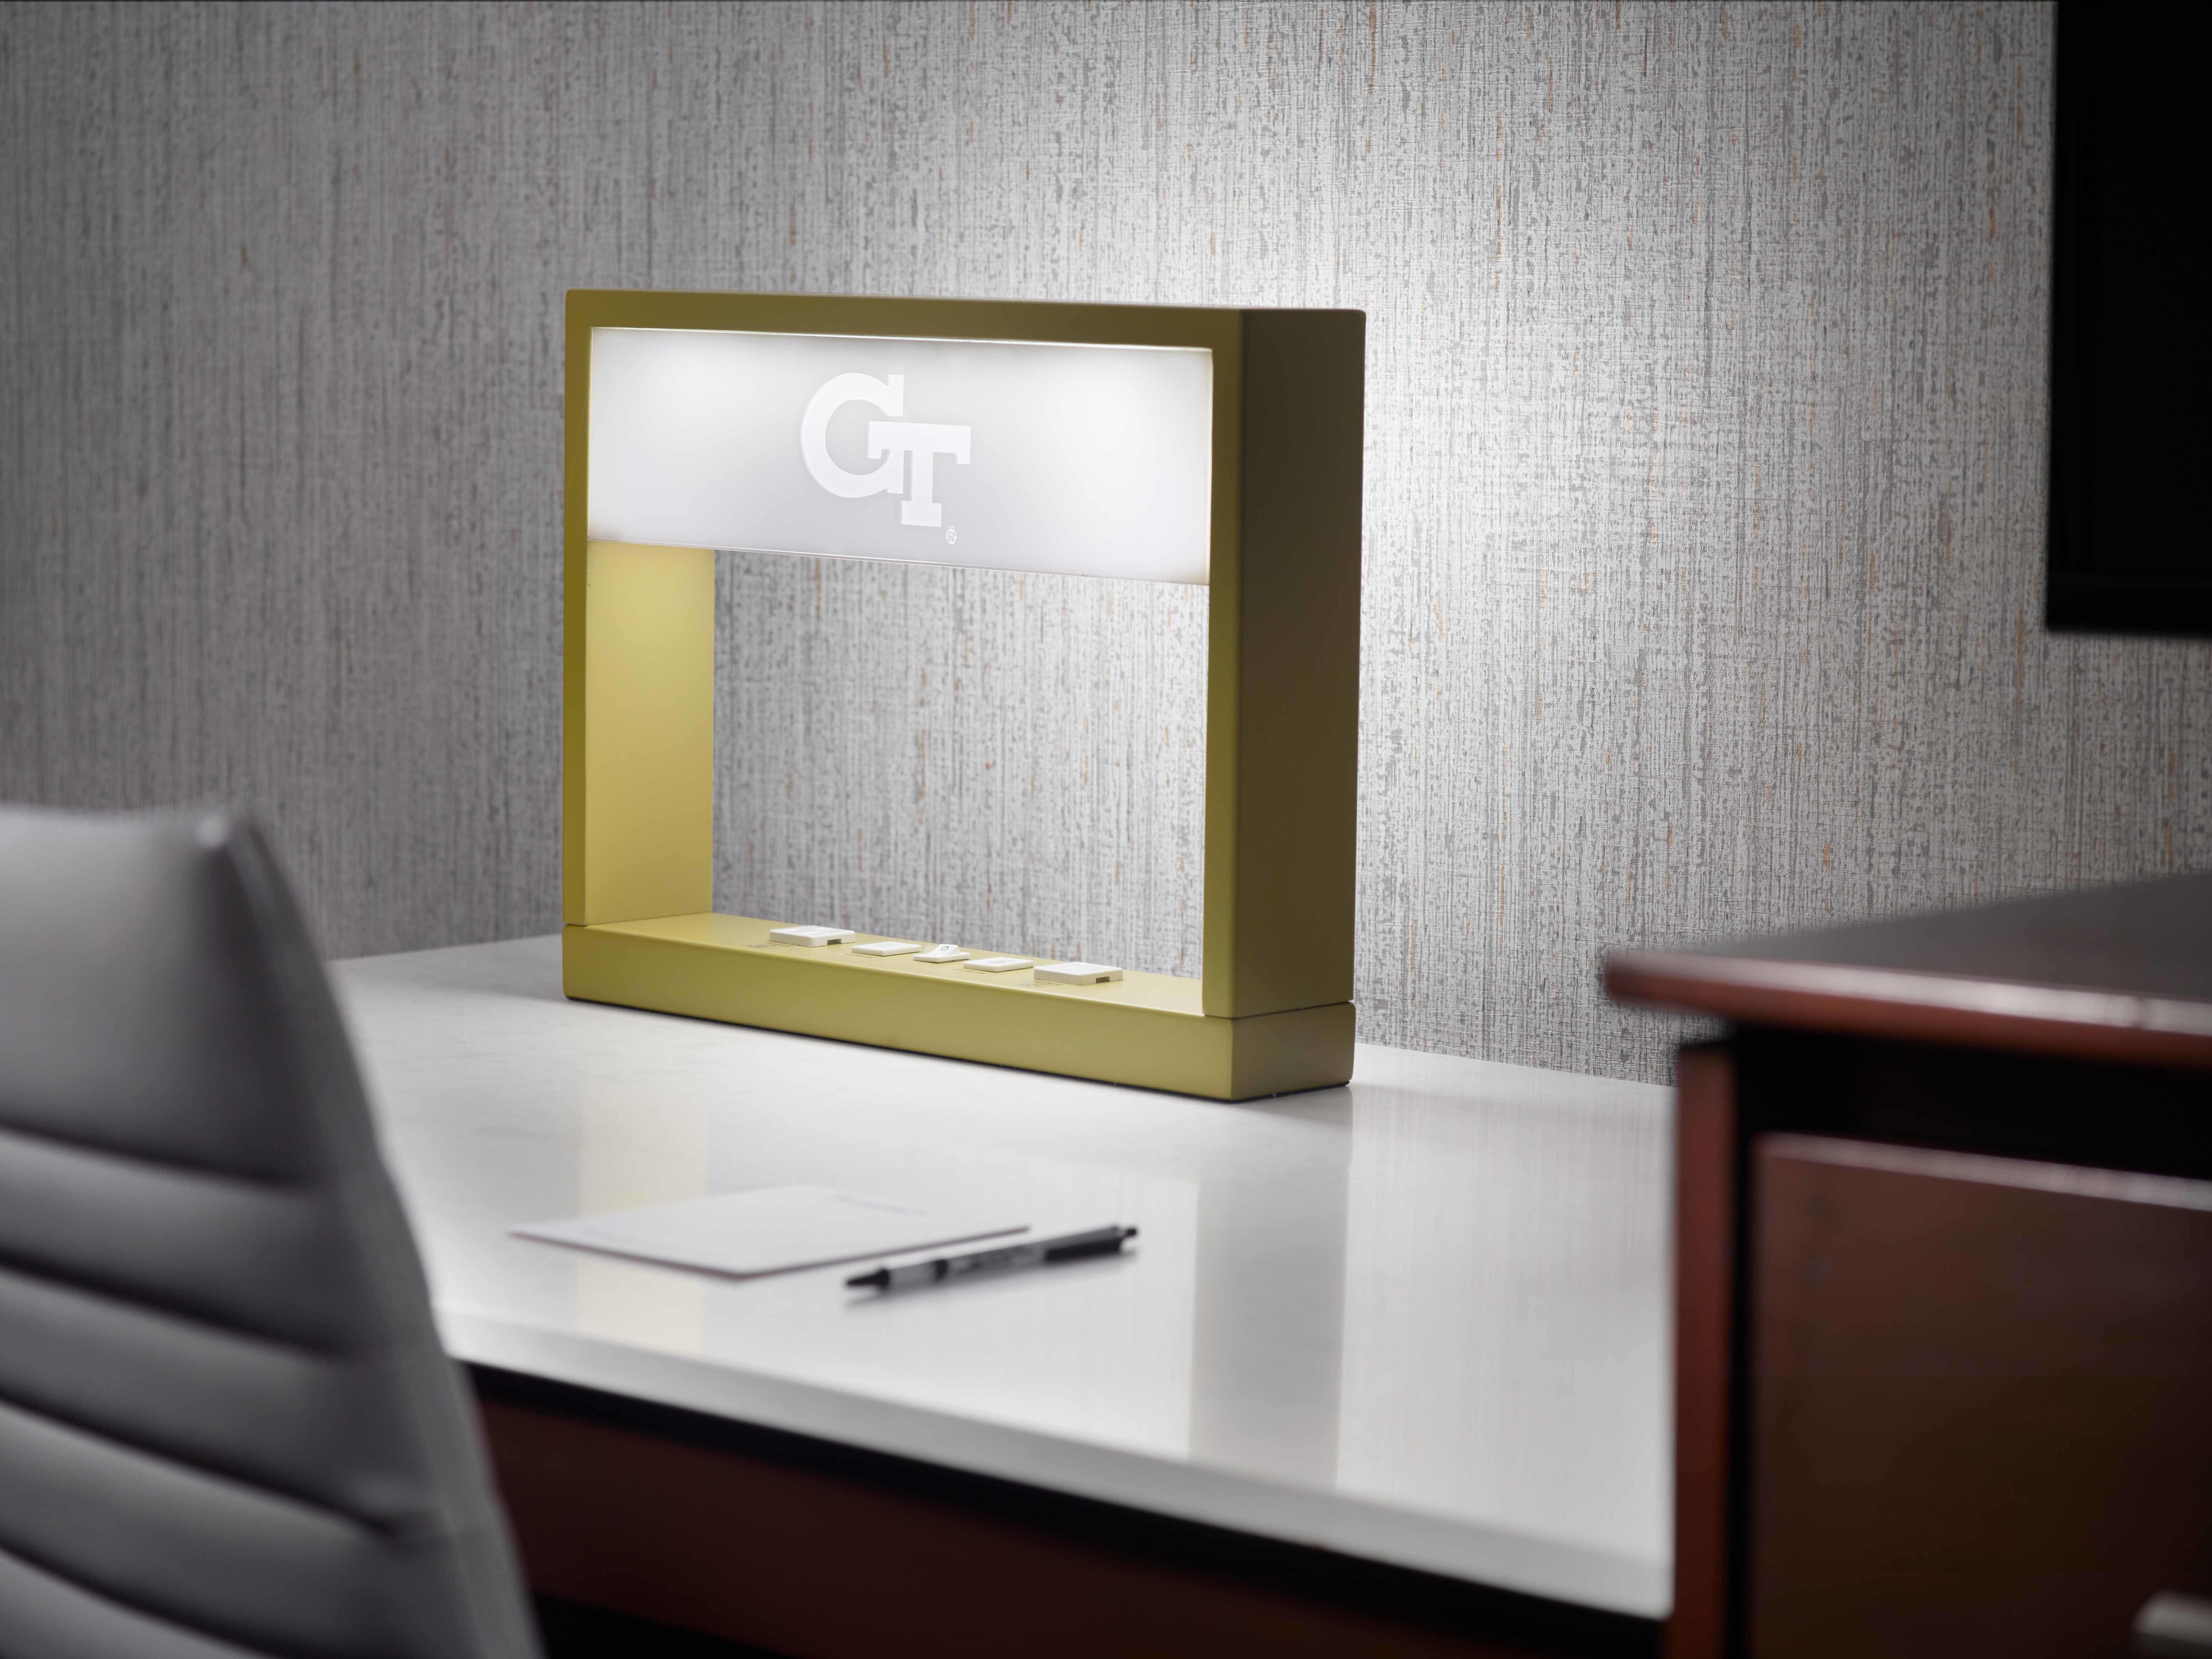 Georgia Tech Hotel Guest Room Design Feature - Desk Light